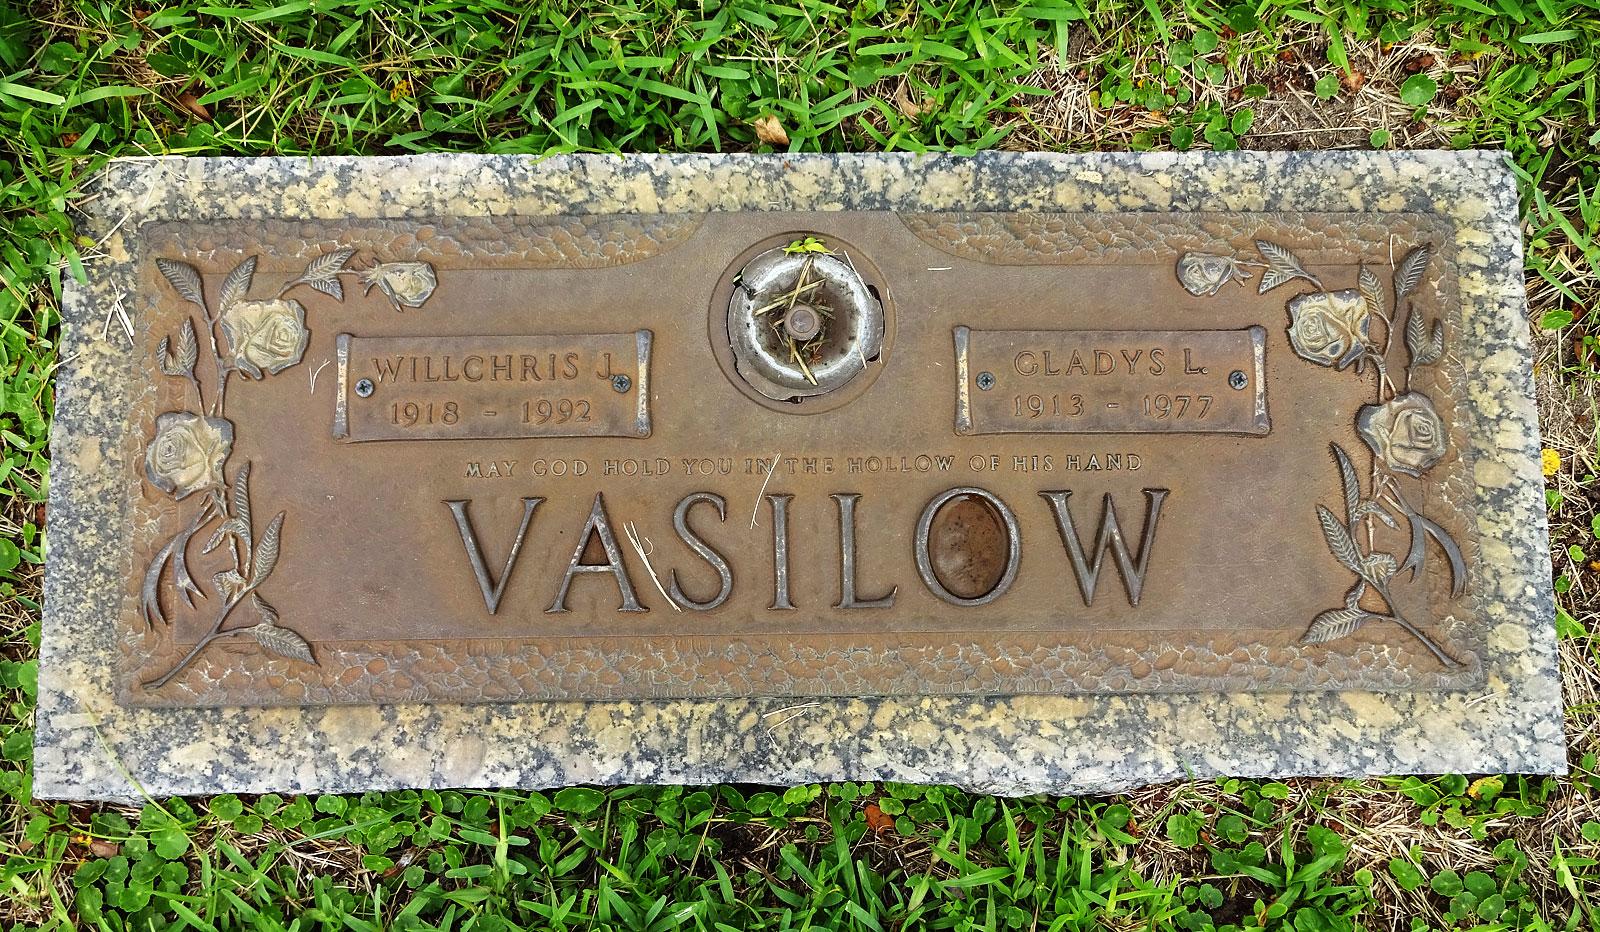 Willchris Joseph Vasilow (1918-1992) - Find A Grave Memorial